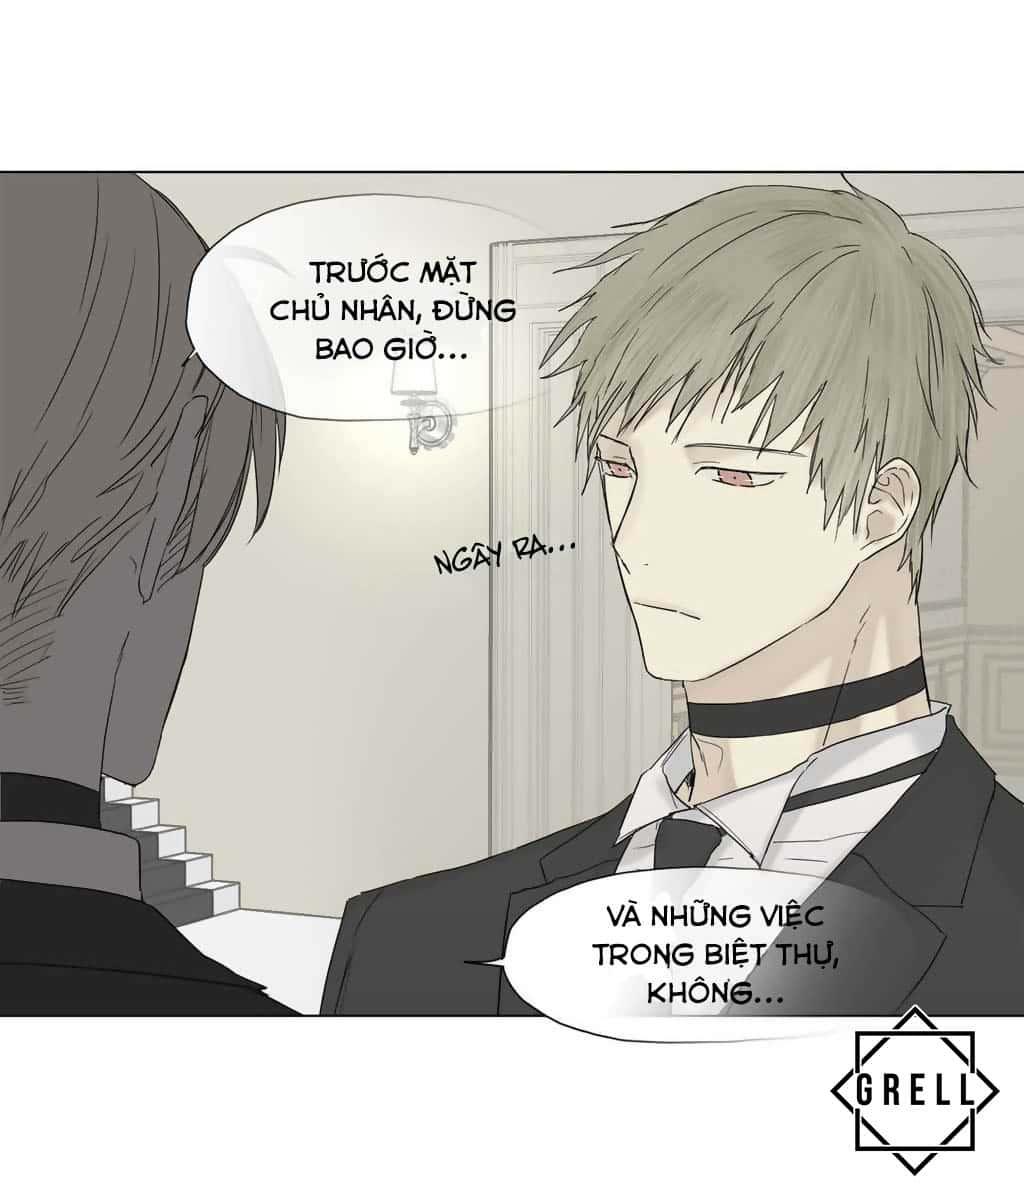 Trang 61 - Người hầu hoàng gia - Royal Servant - Chương 007 () - Truyện tranh Gay - Server HostedOnGoogleServerStaging